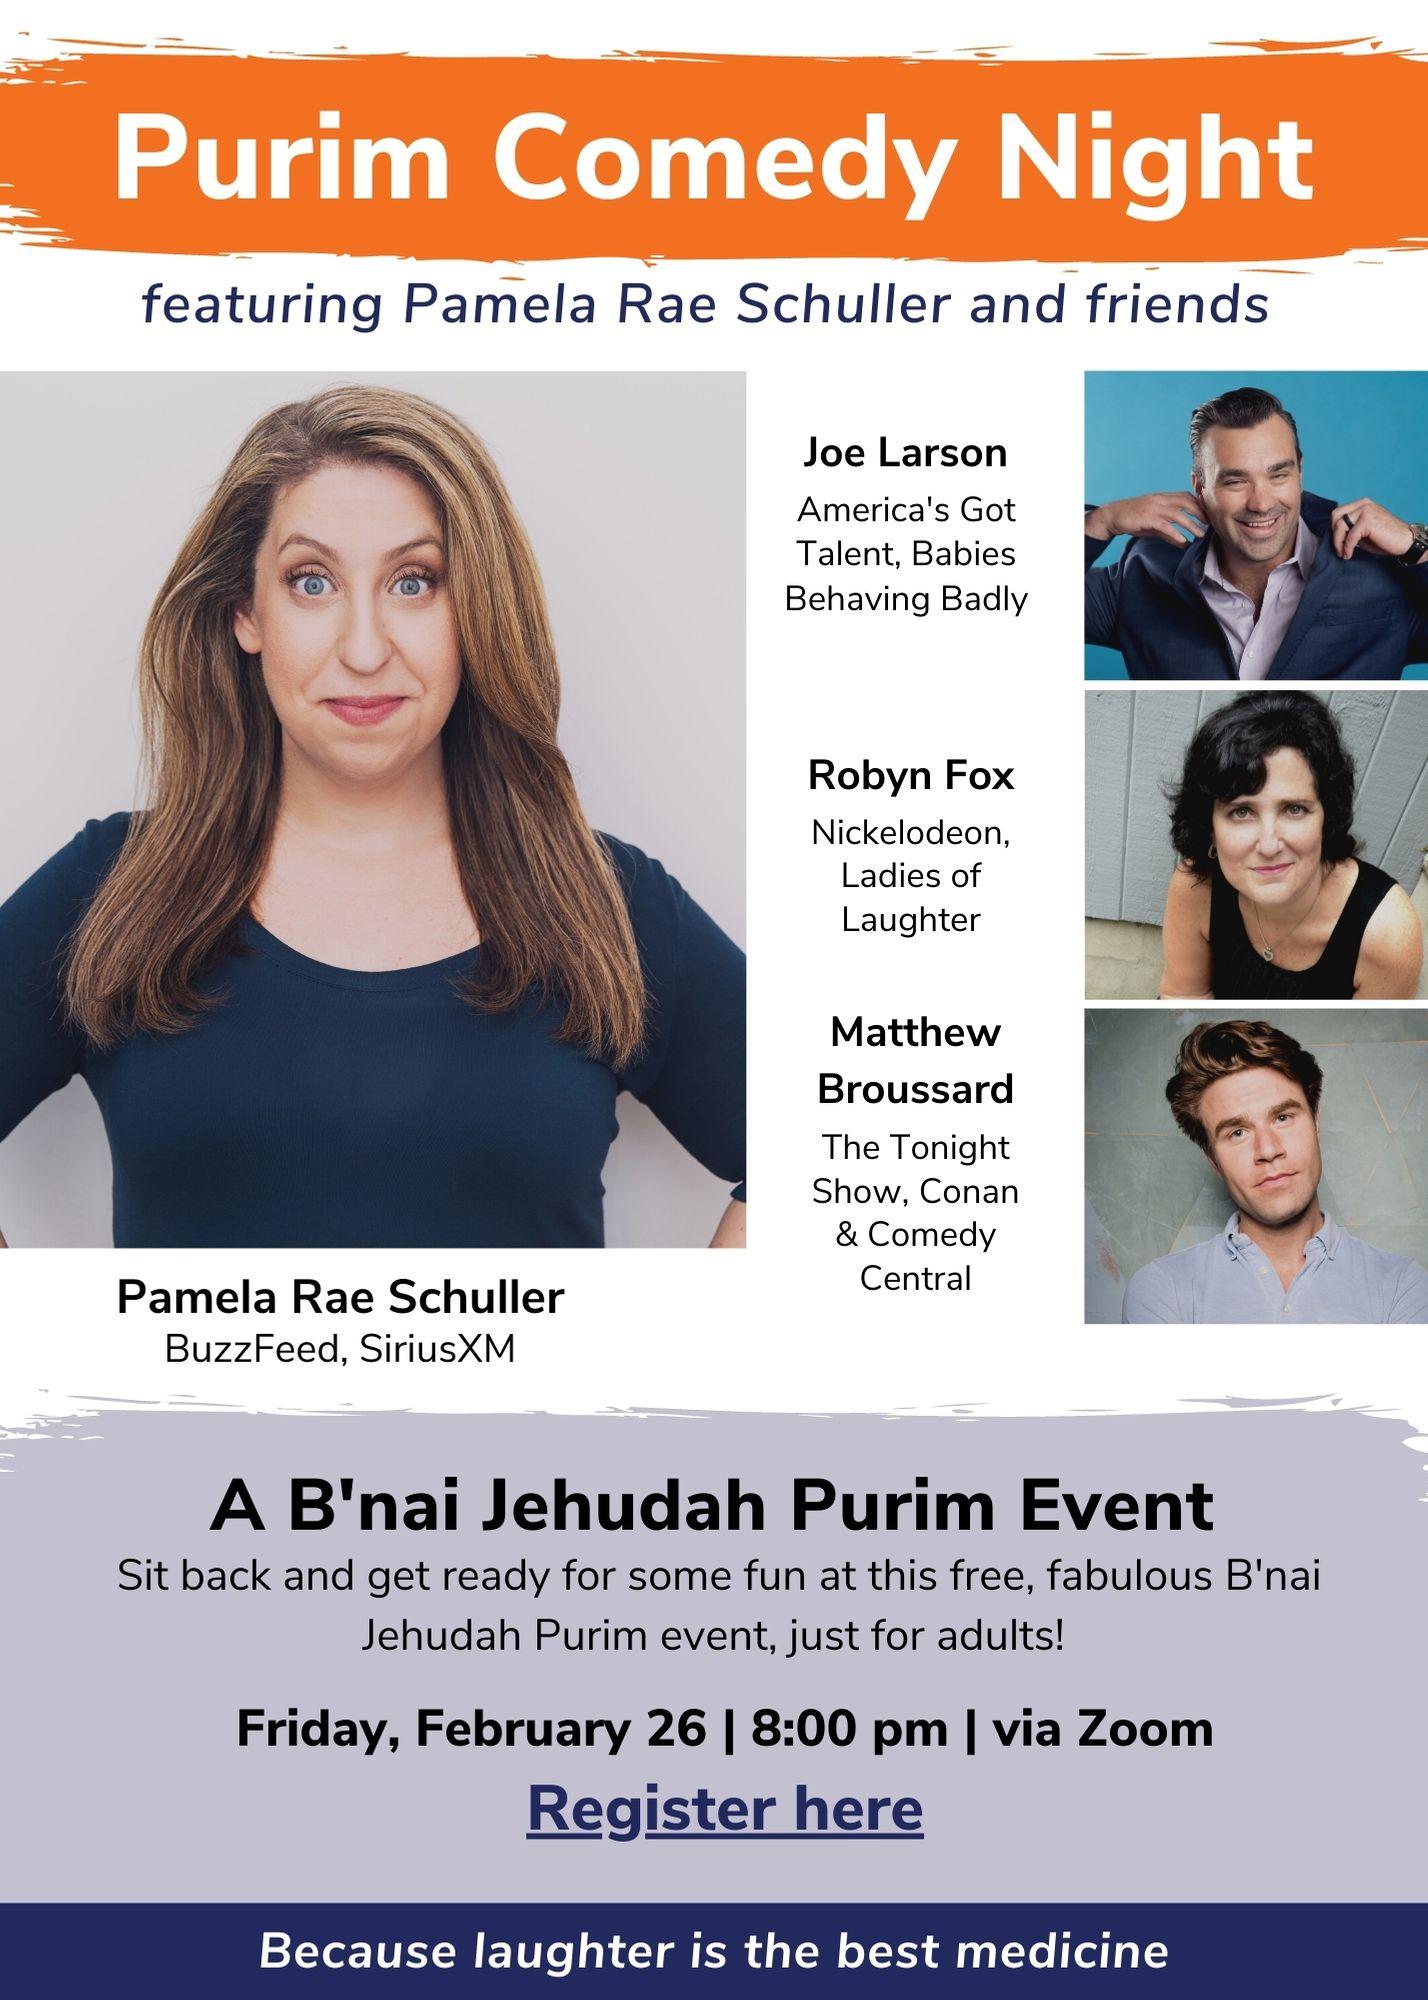 Purim Comedy Night Invite